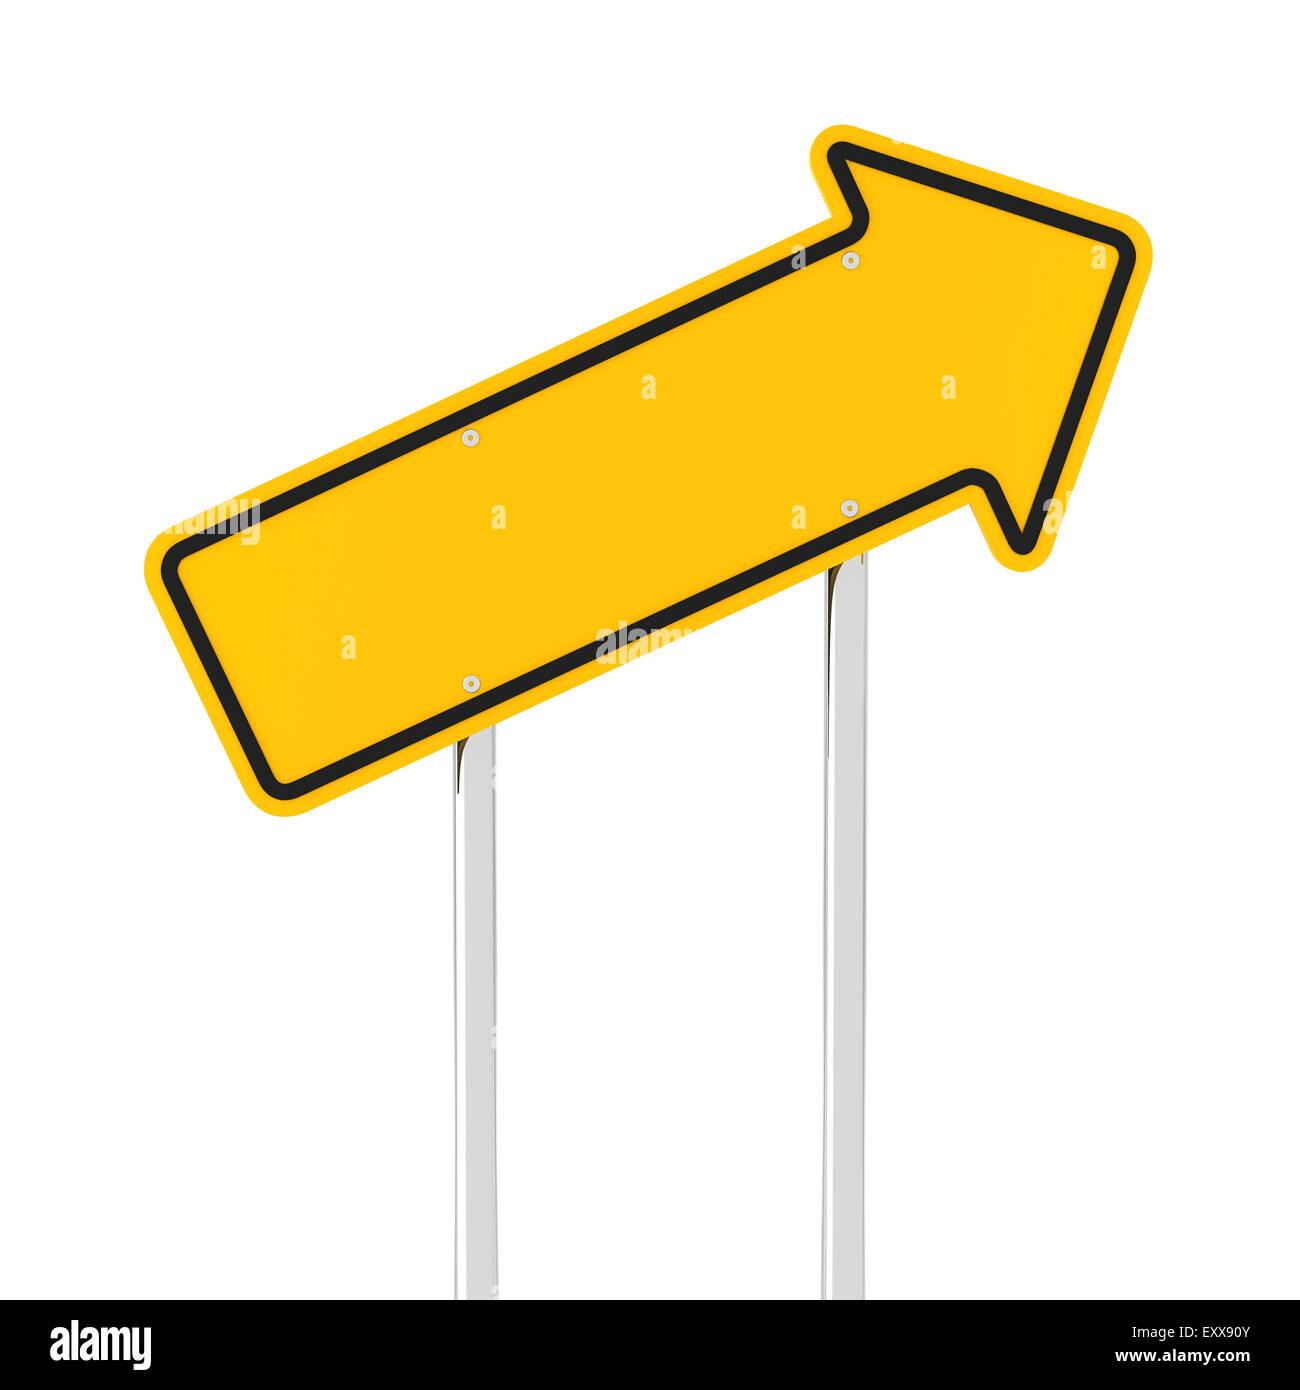 Freccia ascendente cartello stradale Immagini Stock